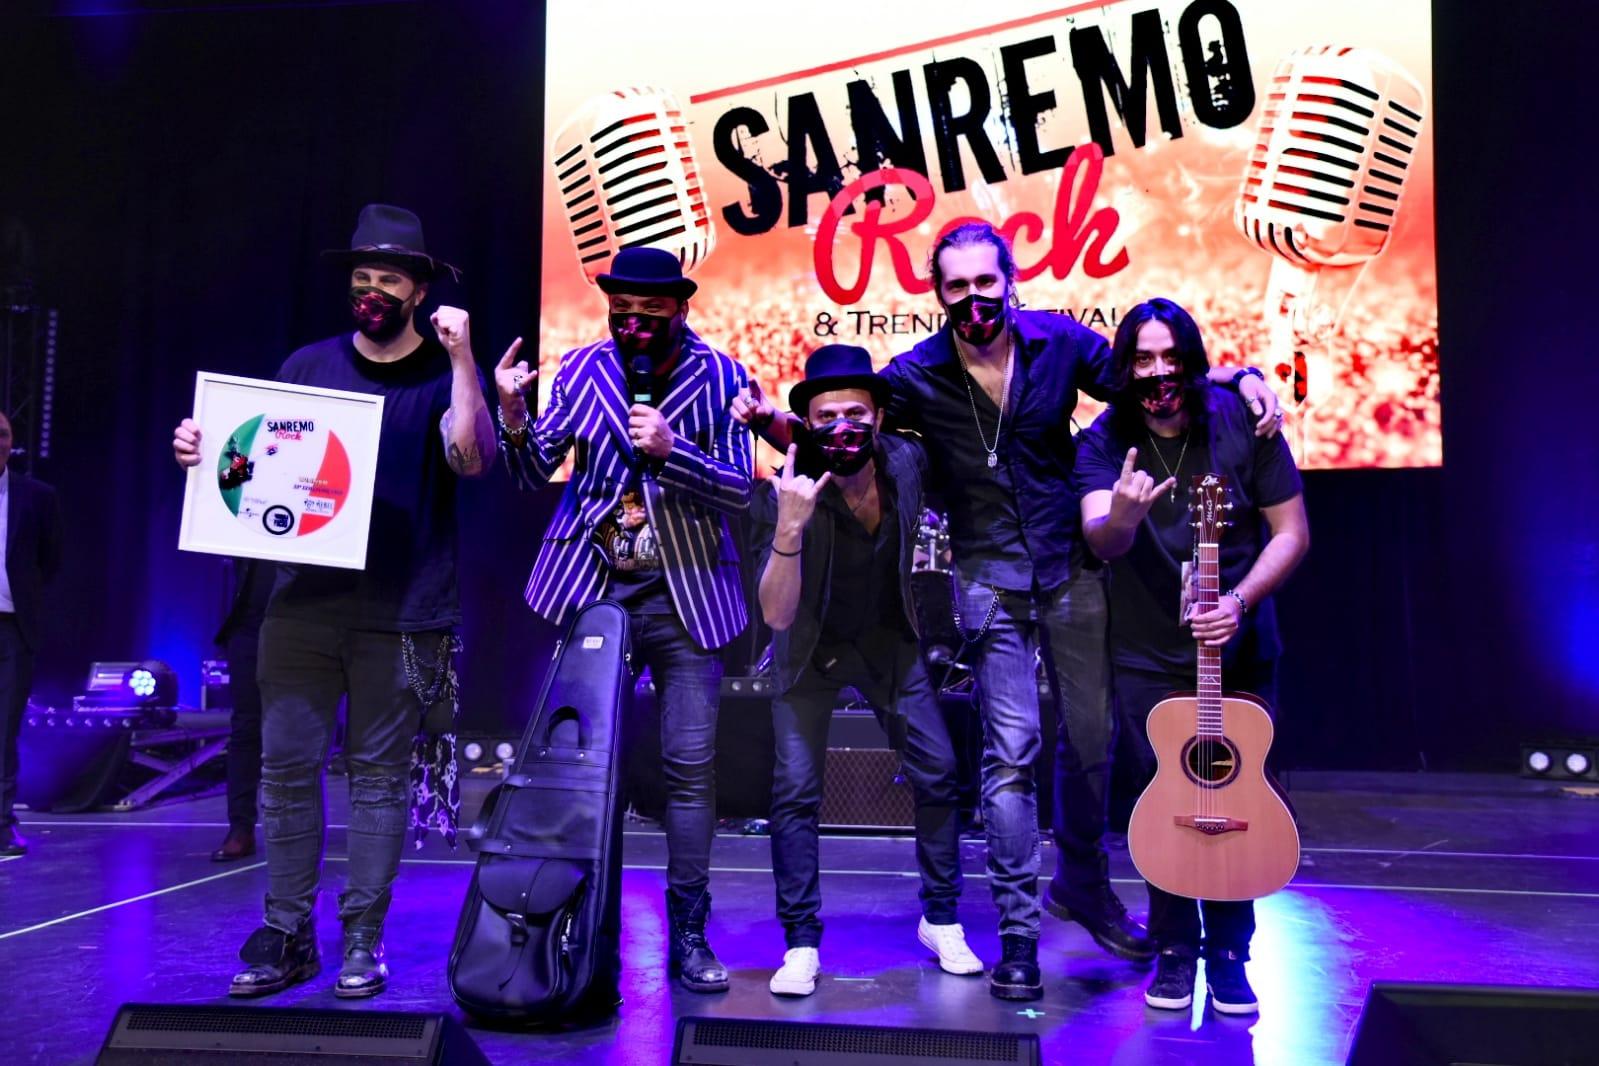 I vincitori della 33 edizione di Sanremo Rock & Trend